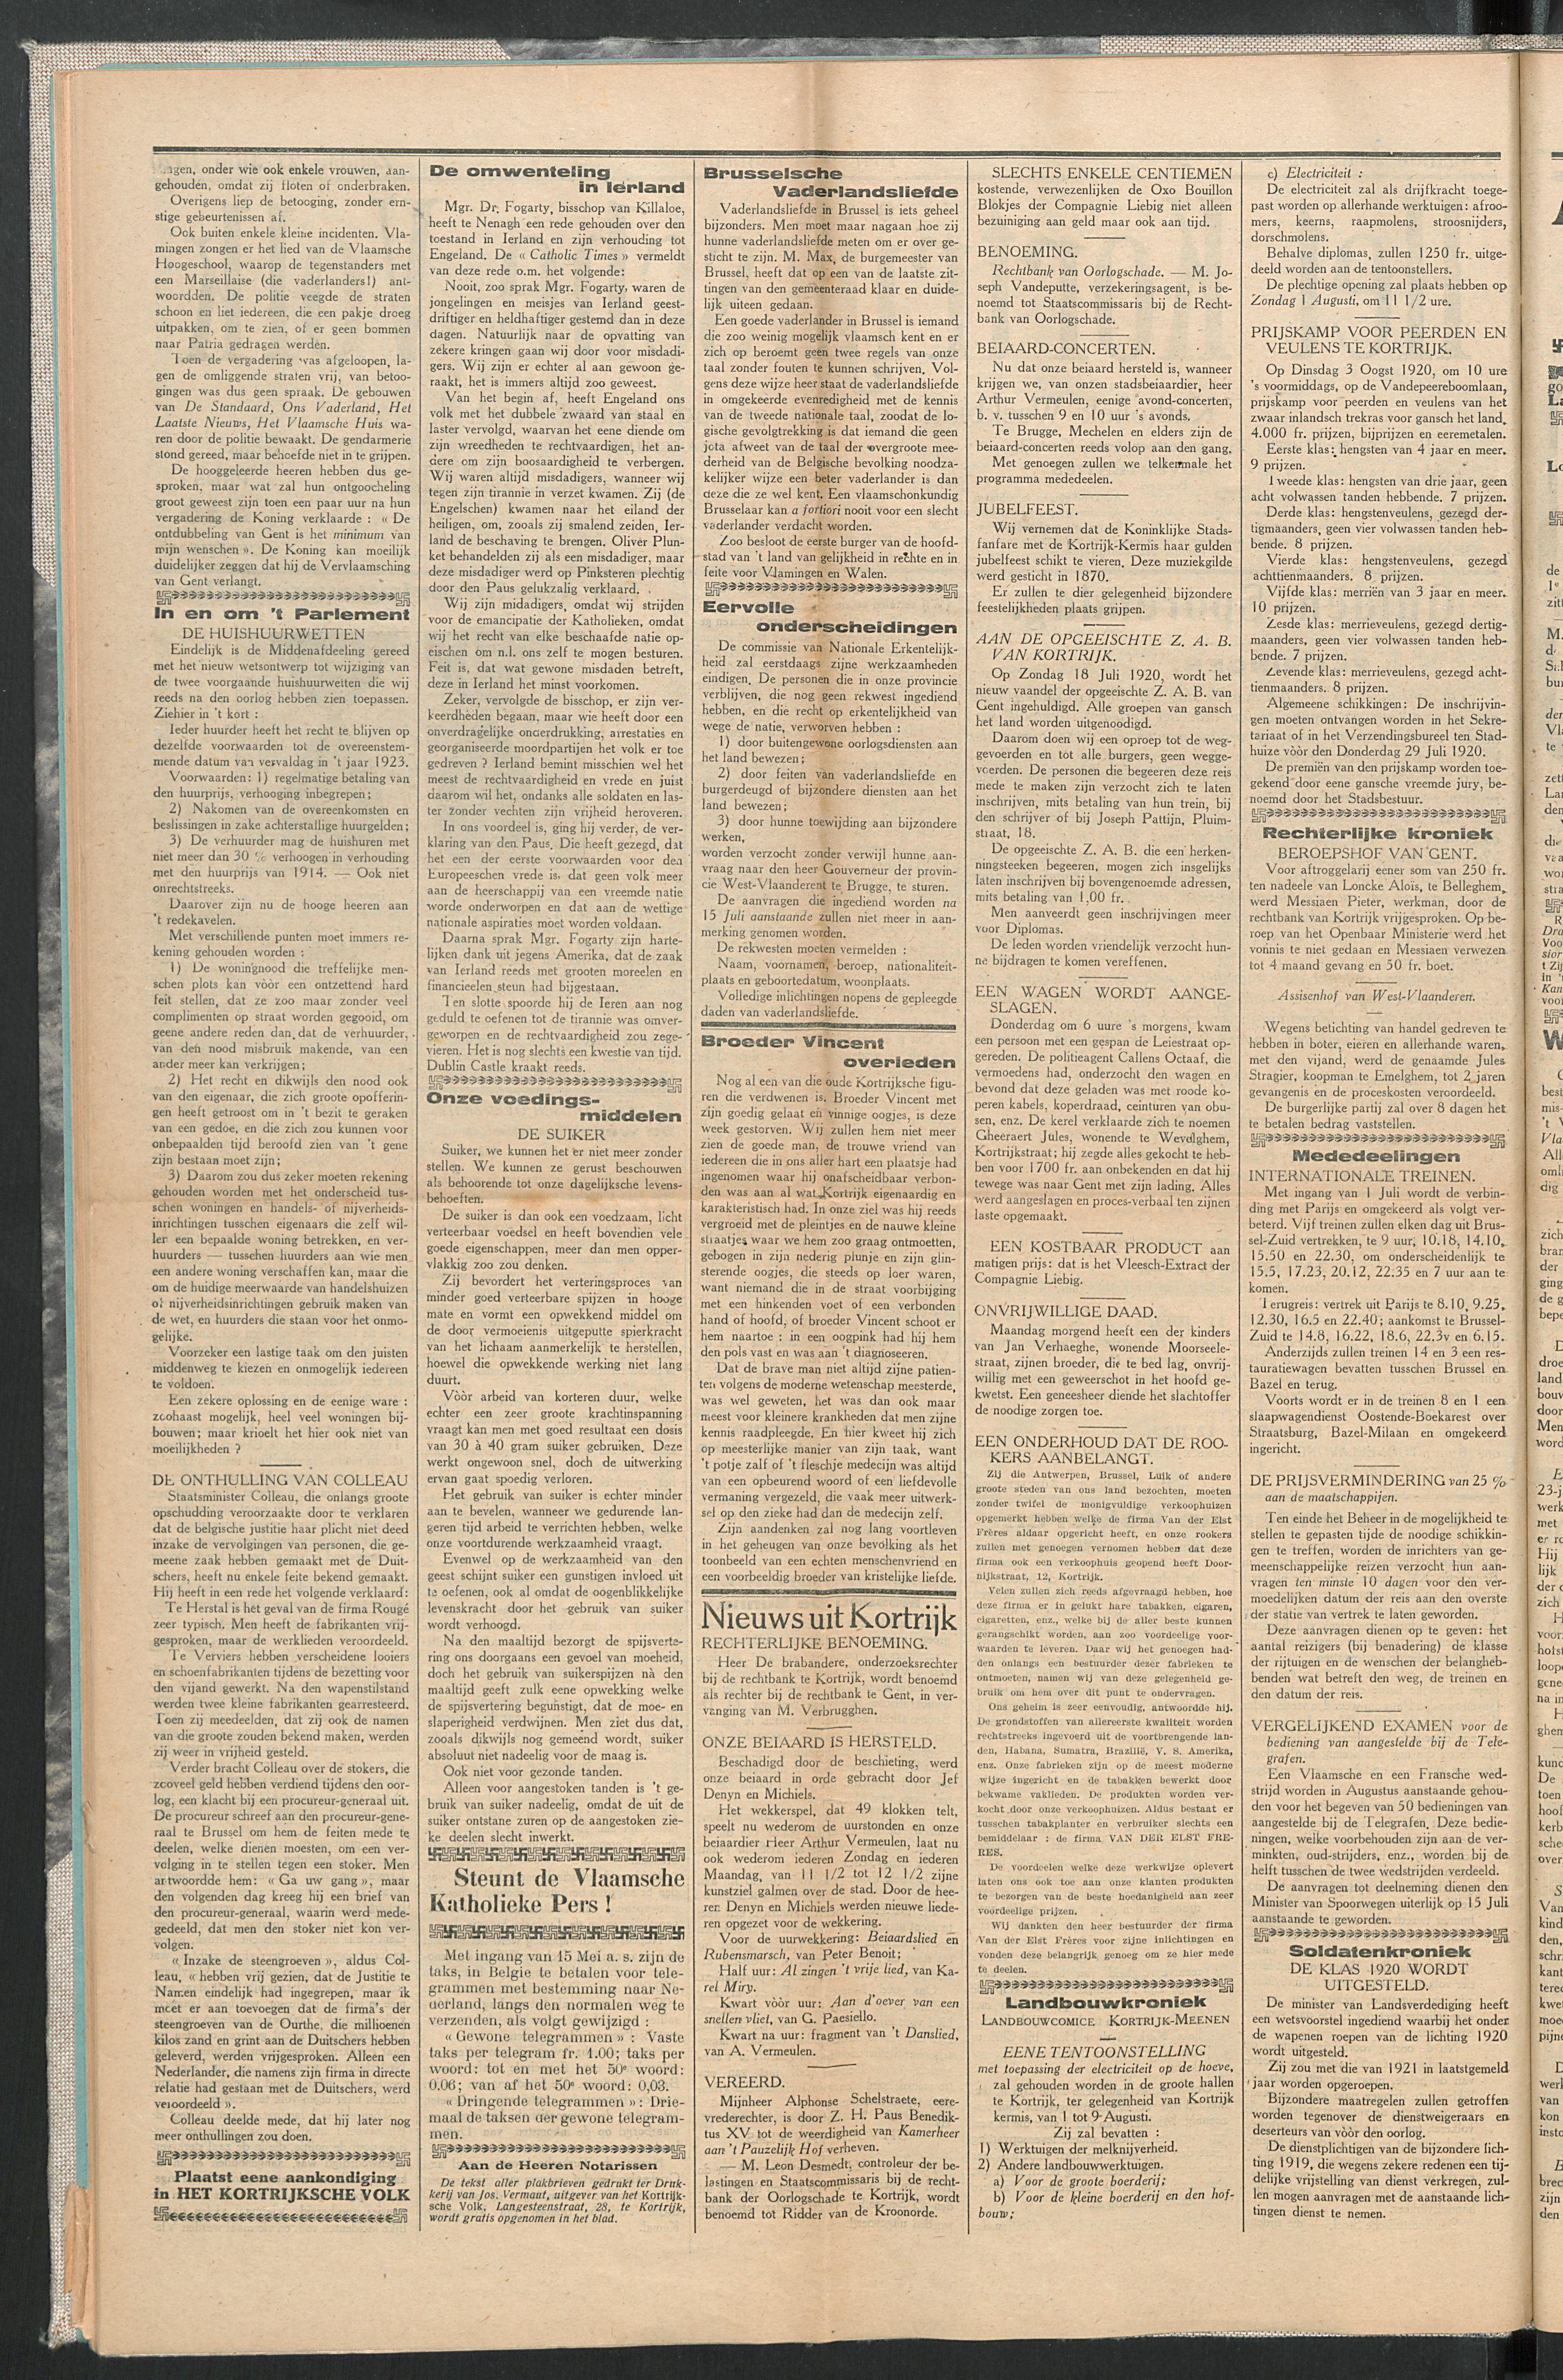 Het Kortrijksche Volk 1920-06-27 p2